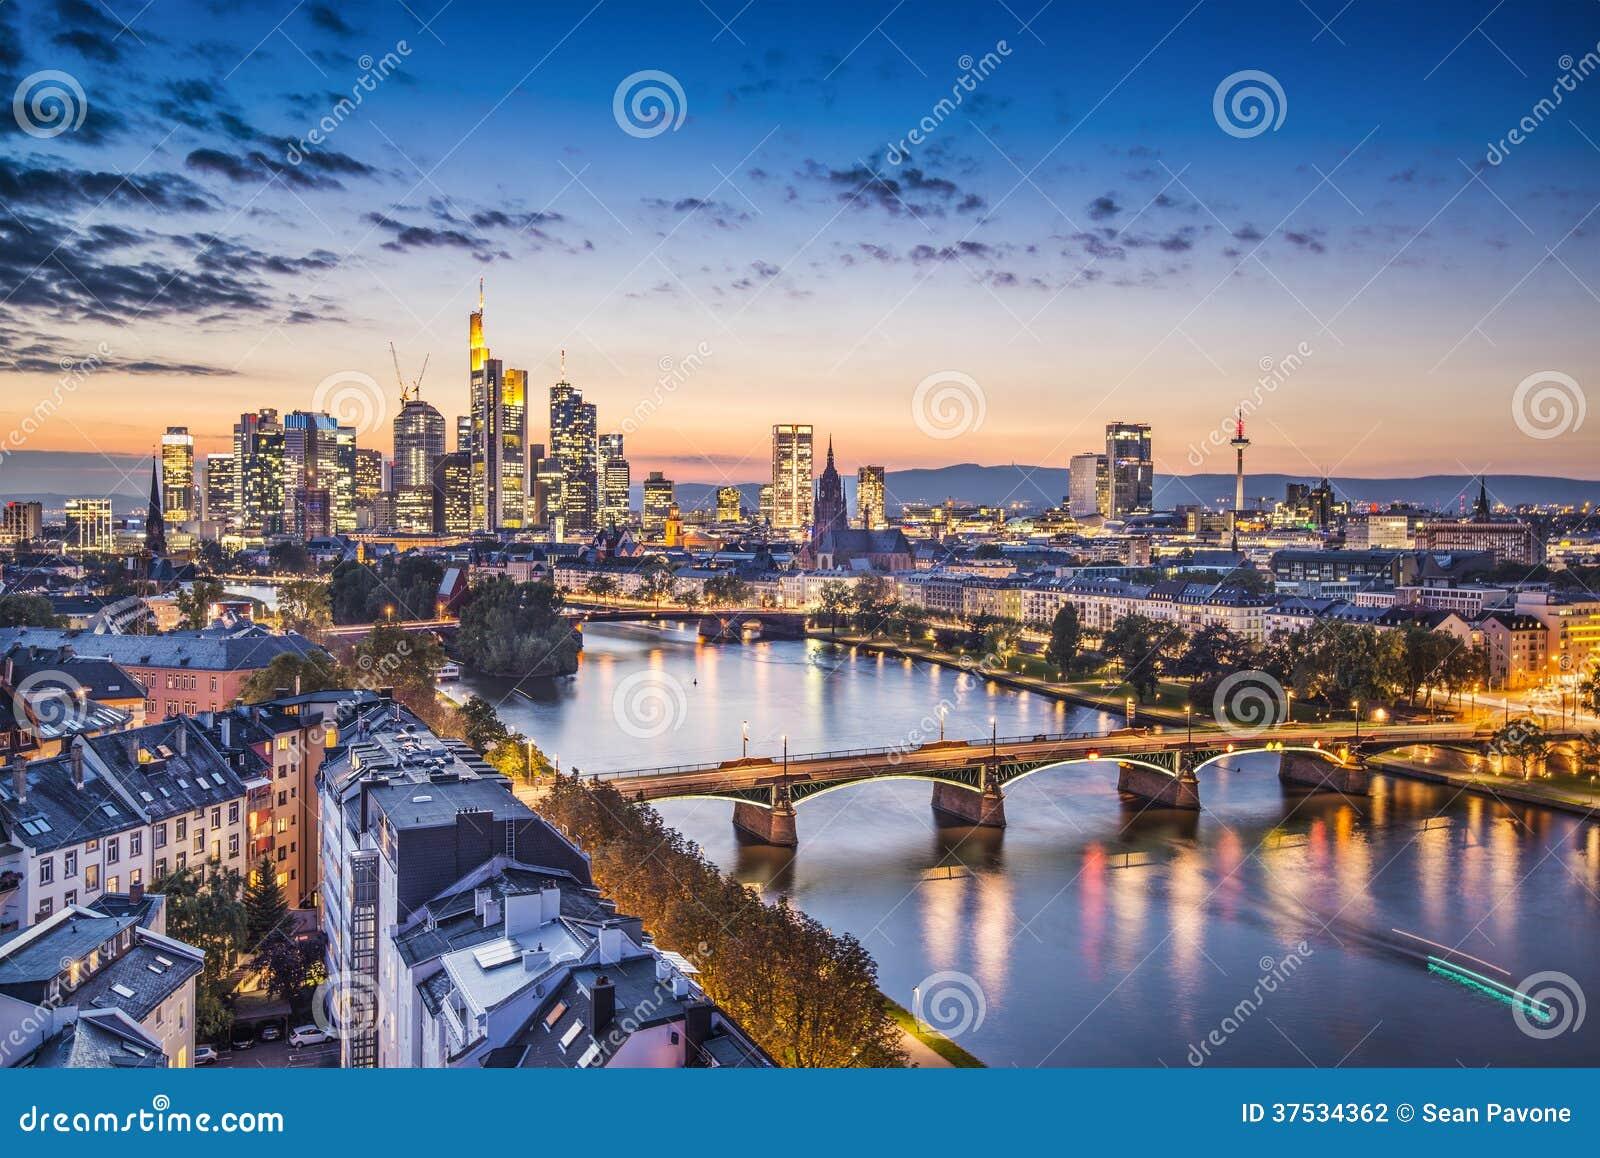 Frankfurt TYSKLAND singler